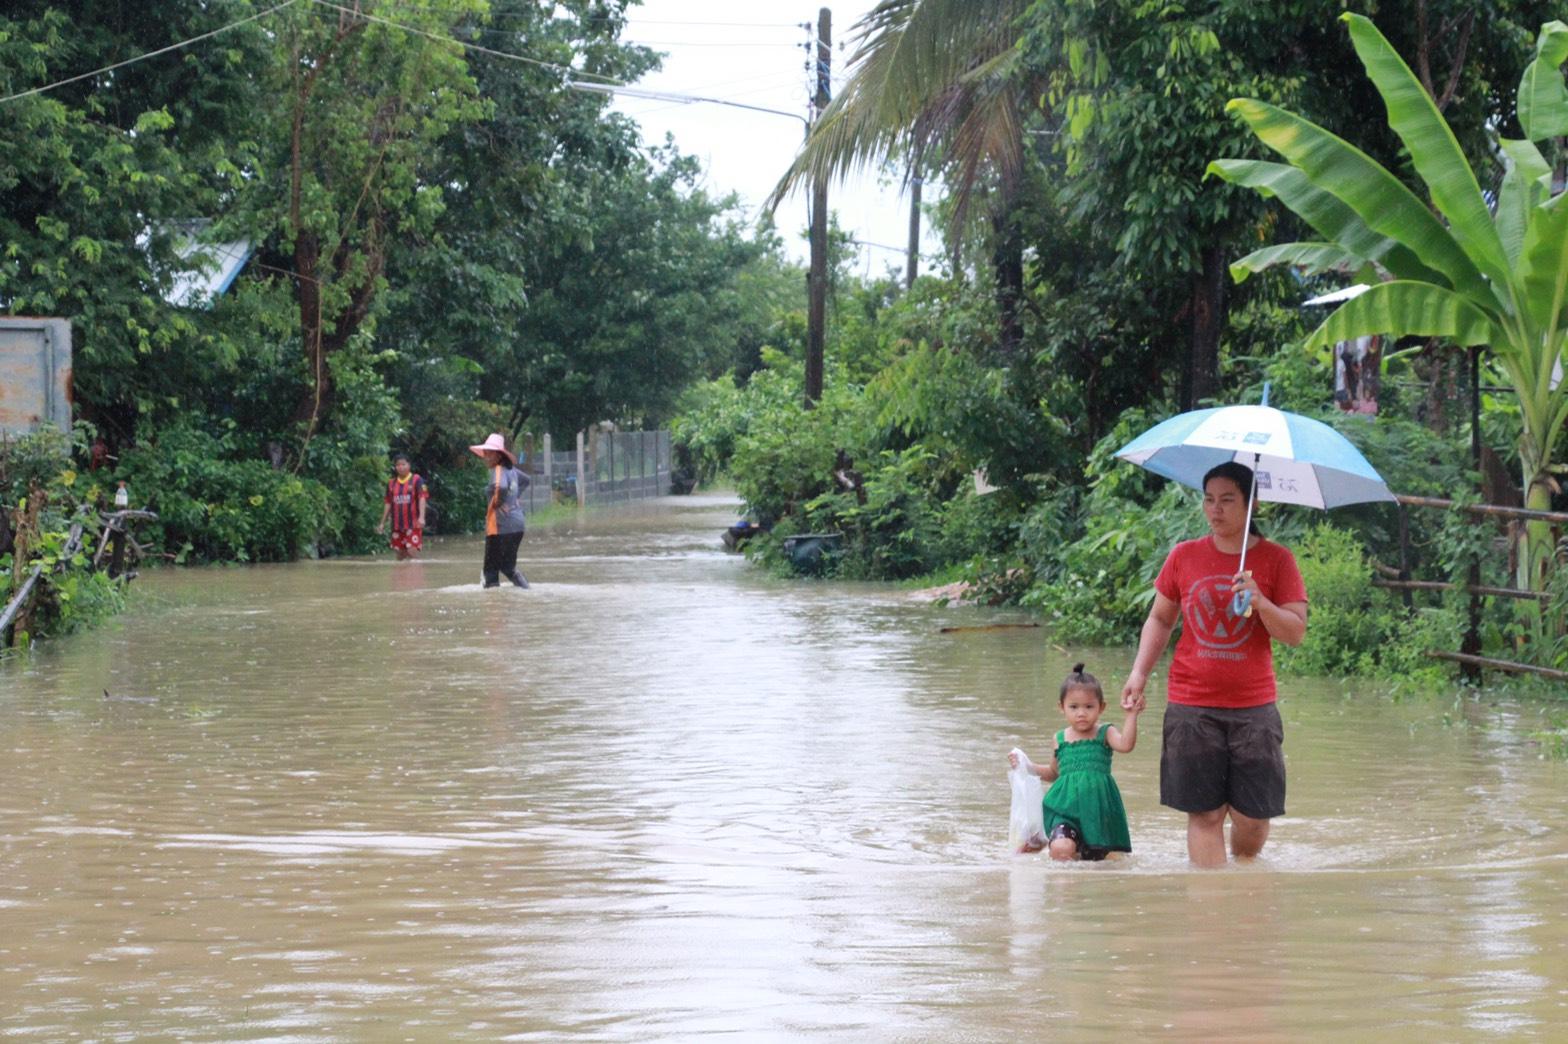 กระทรวงแรงงานตั้งศูนย์ช่วยเหลือผู้ประสบภัยน้ำท่วม พร้อมส่งทีมบรรเทาความเดือดร้อนเบื้องต้น